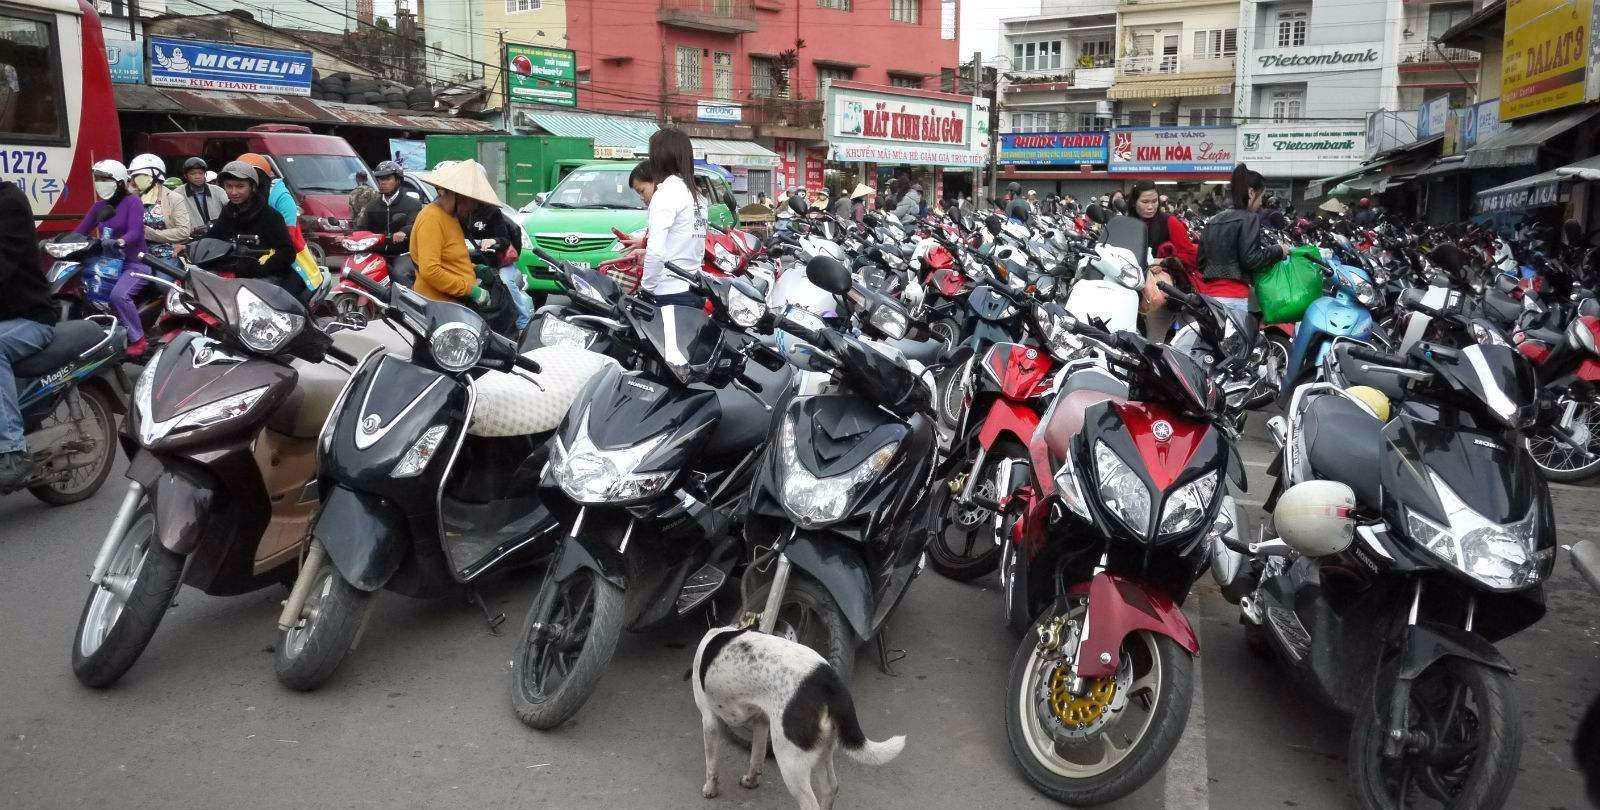 TPP生效让越南的畜牧业成为受伤最严重的行业,畜牧业急需变革